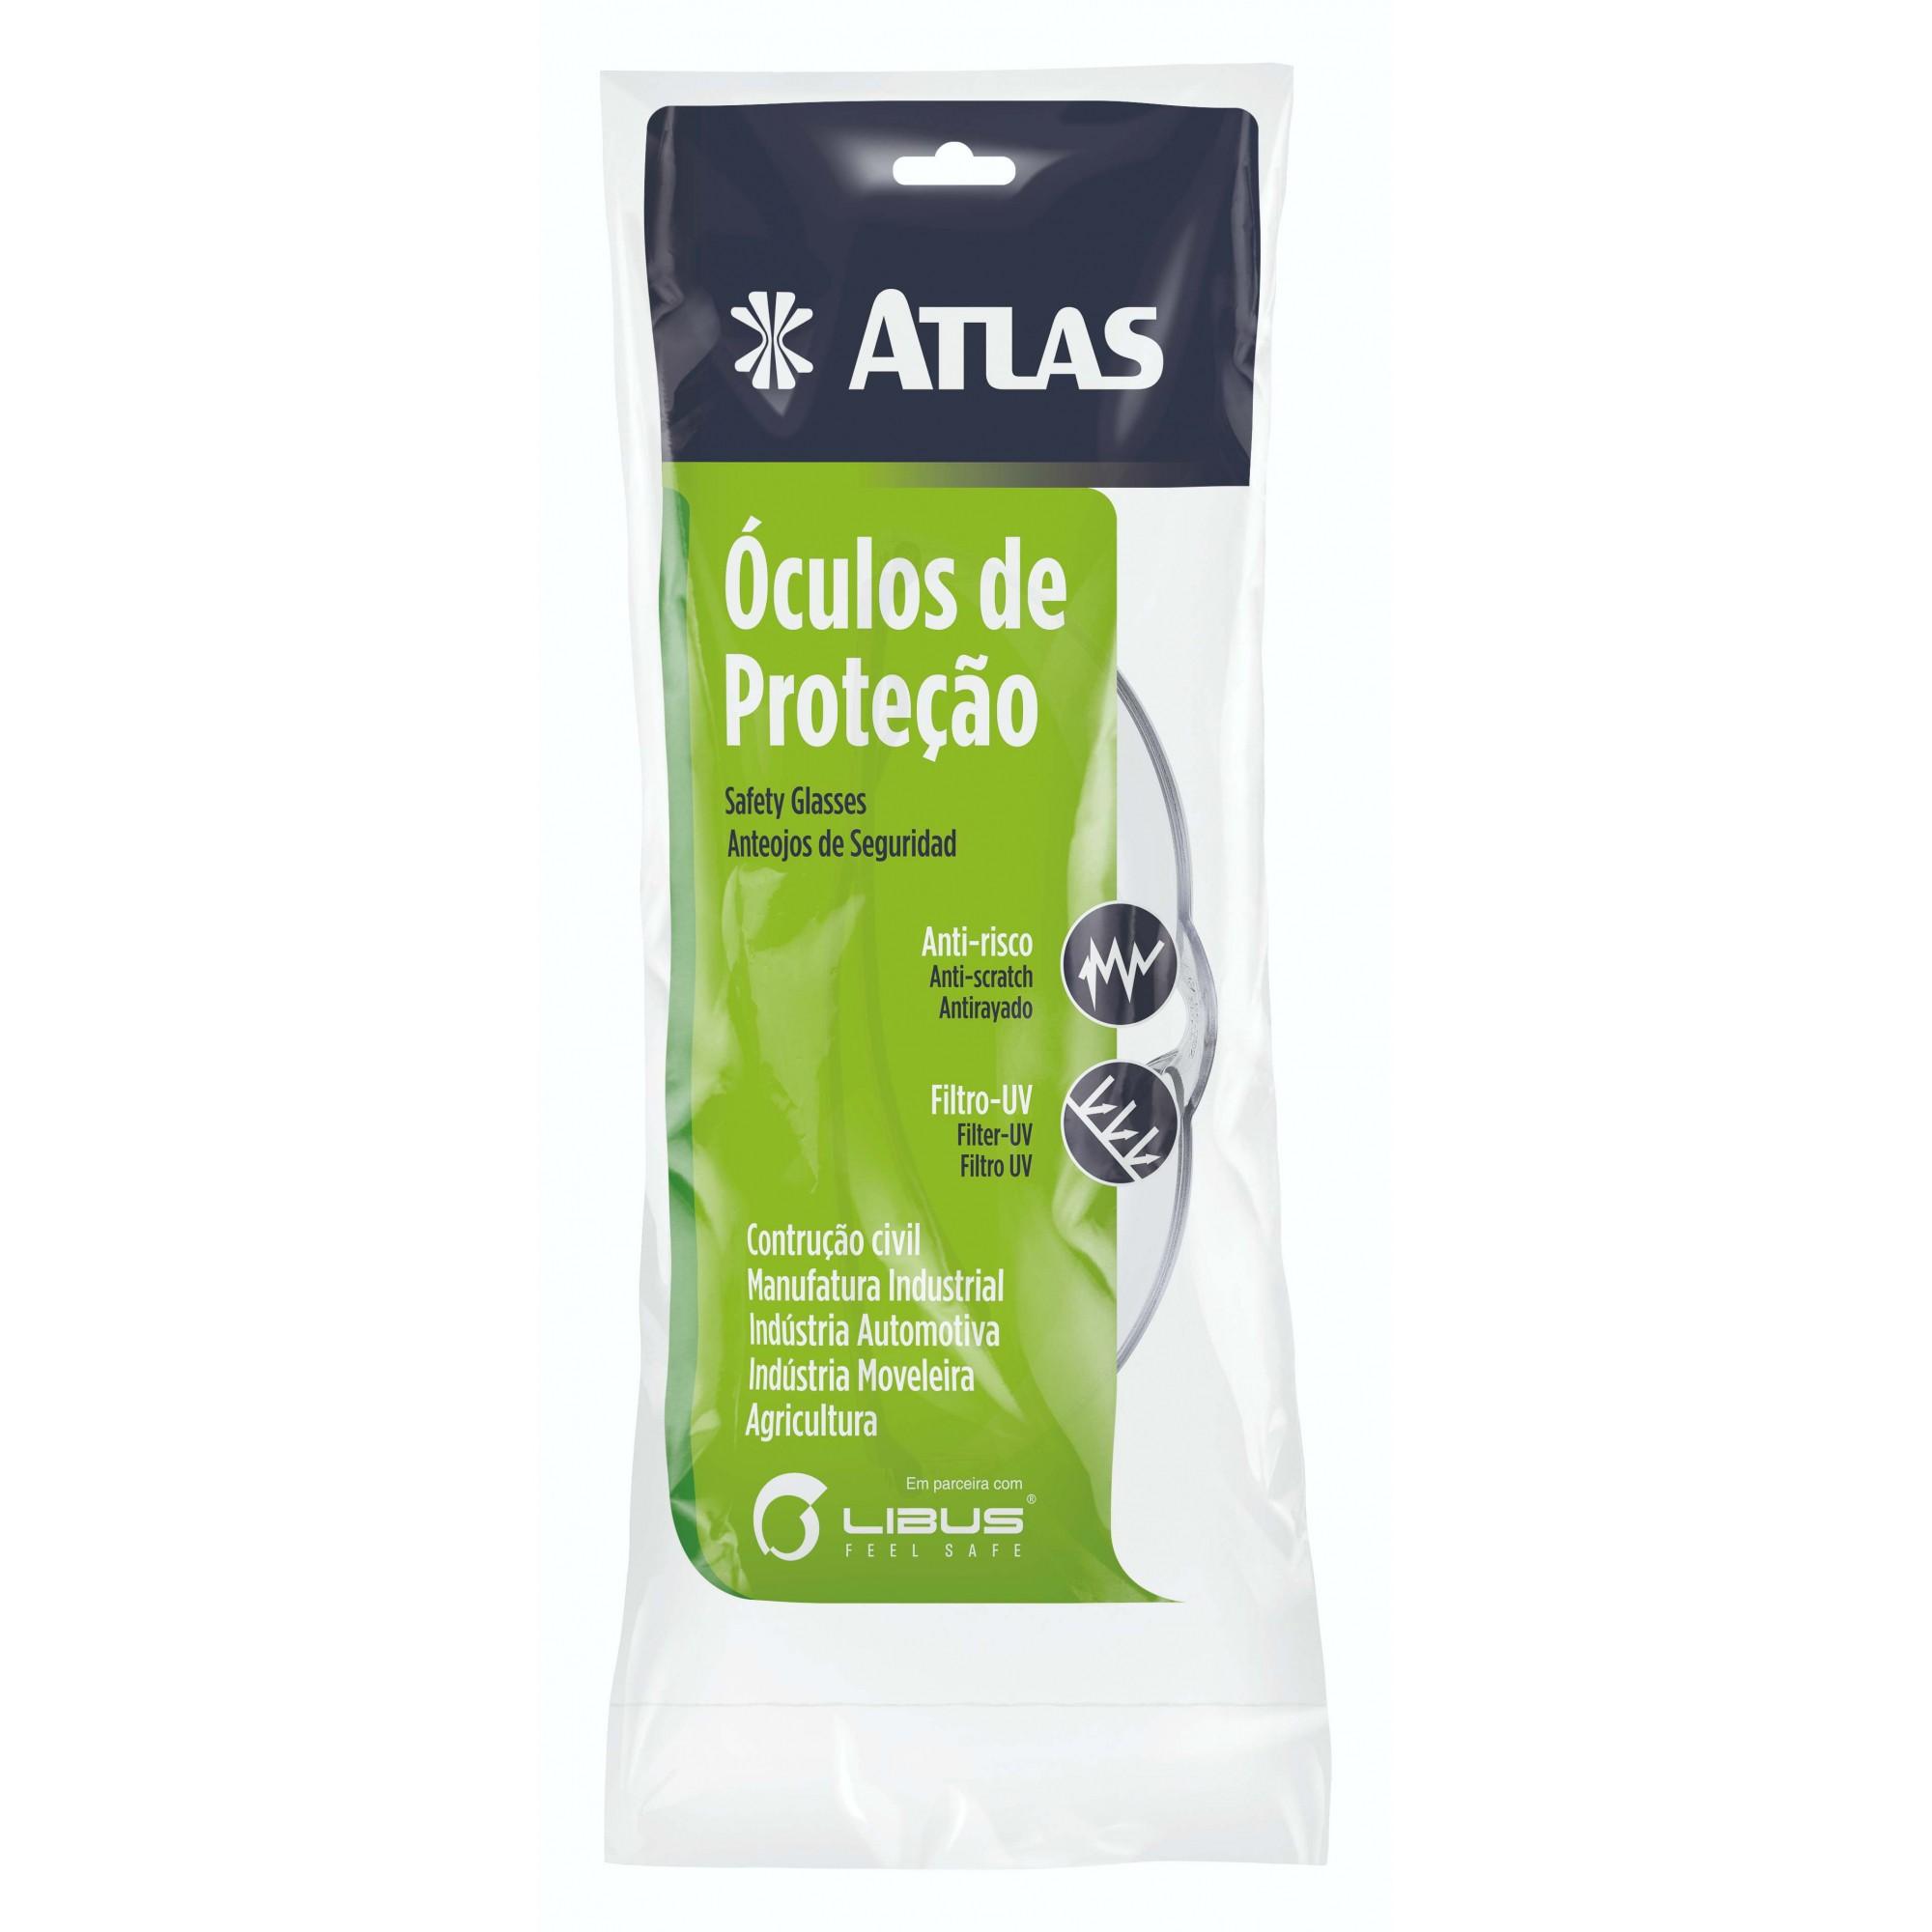 Óculos de Proteção Eco Line Incolor Atlas AT3300/1.